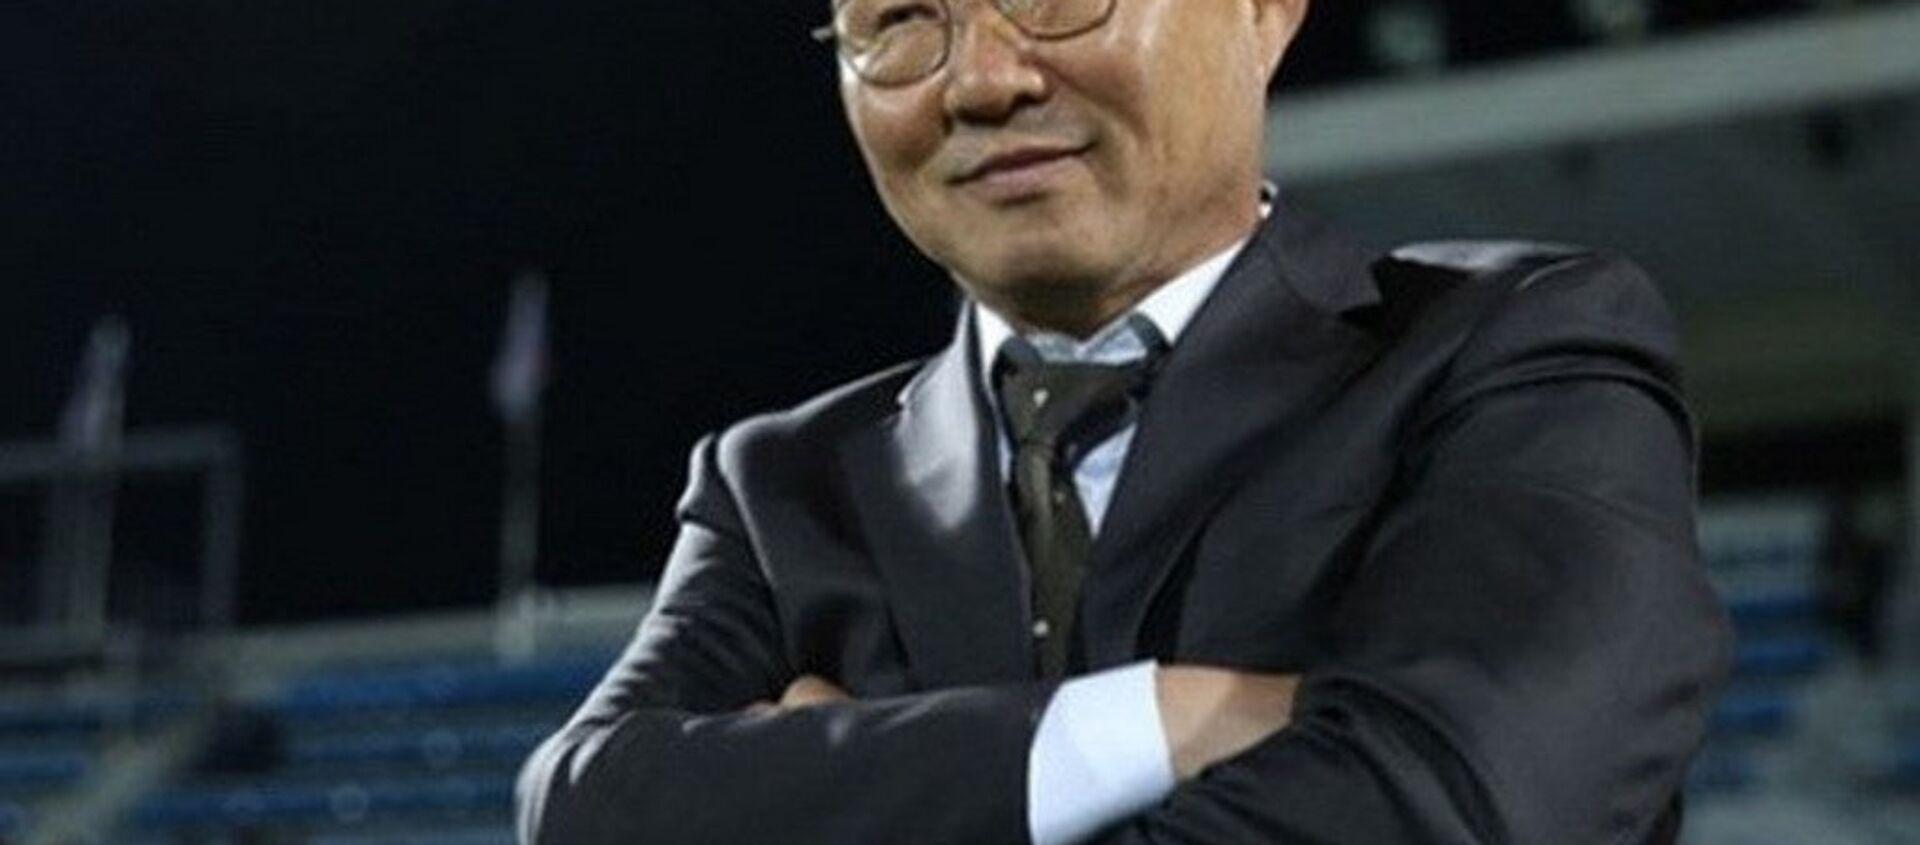 Huấn luyện viên U23 Việt Nam Park Hang Seo. - Sputnik Việt Nam, 1920, 24.01.2018